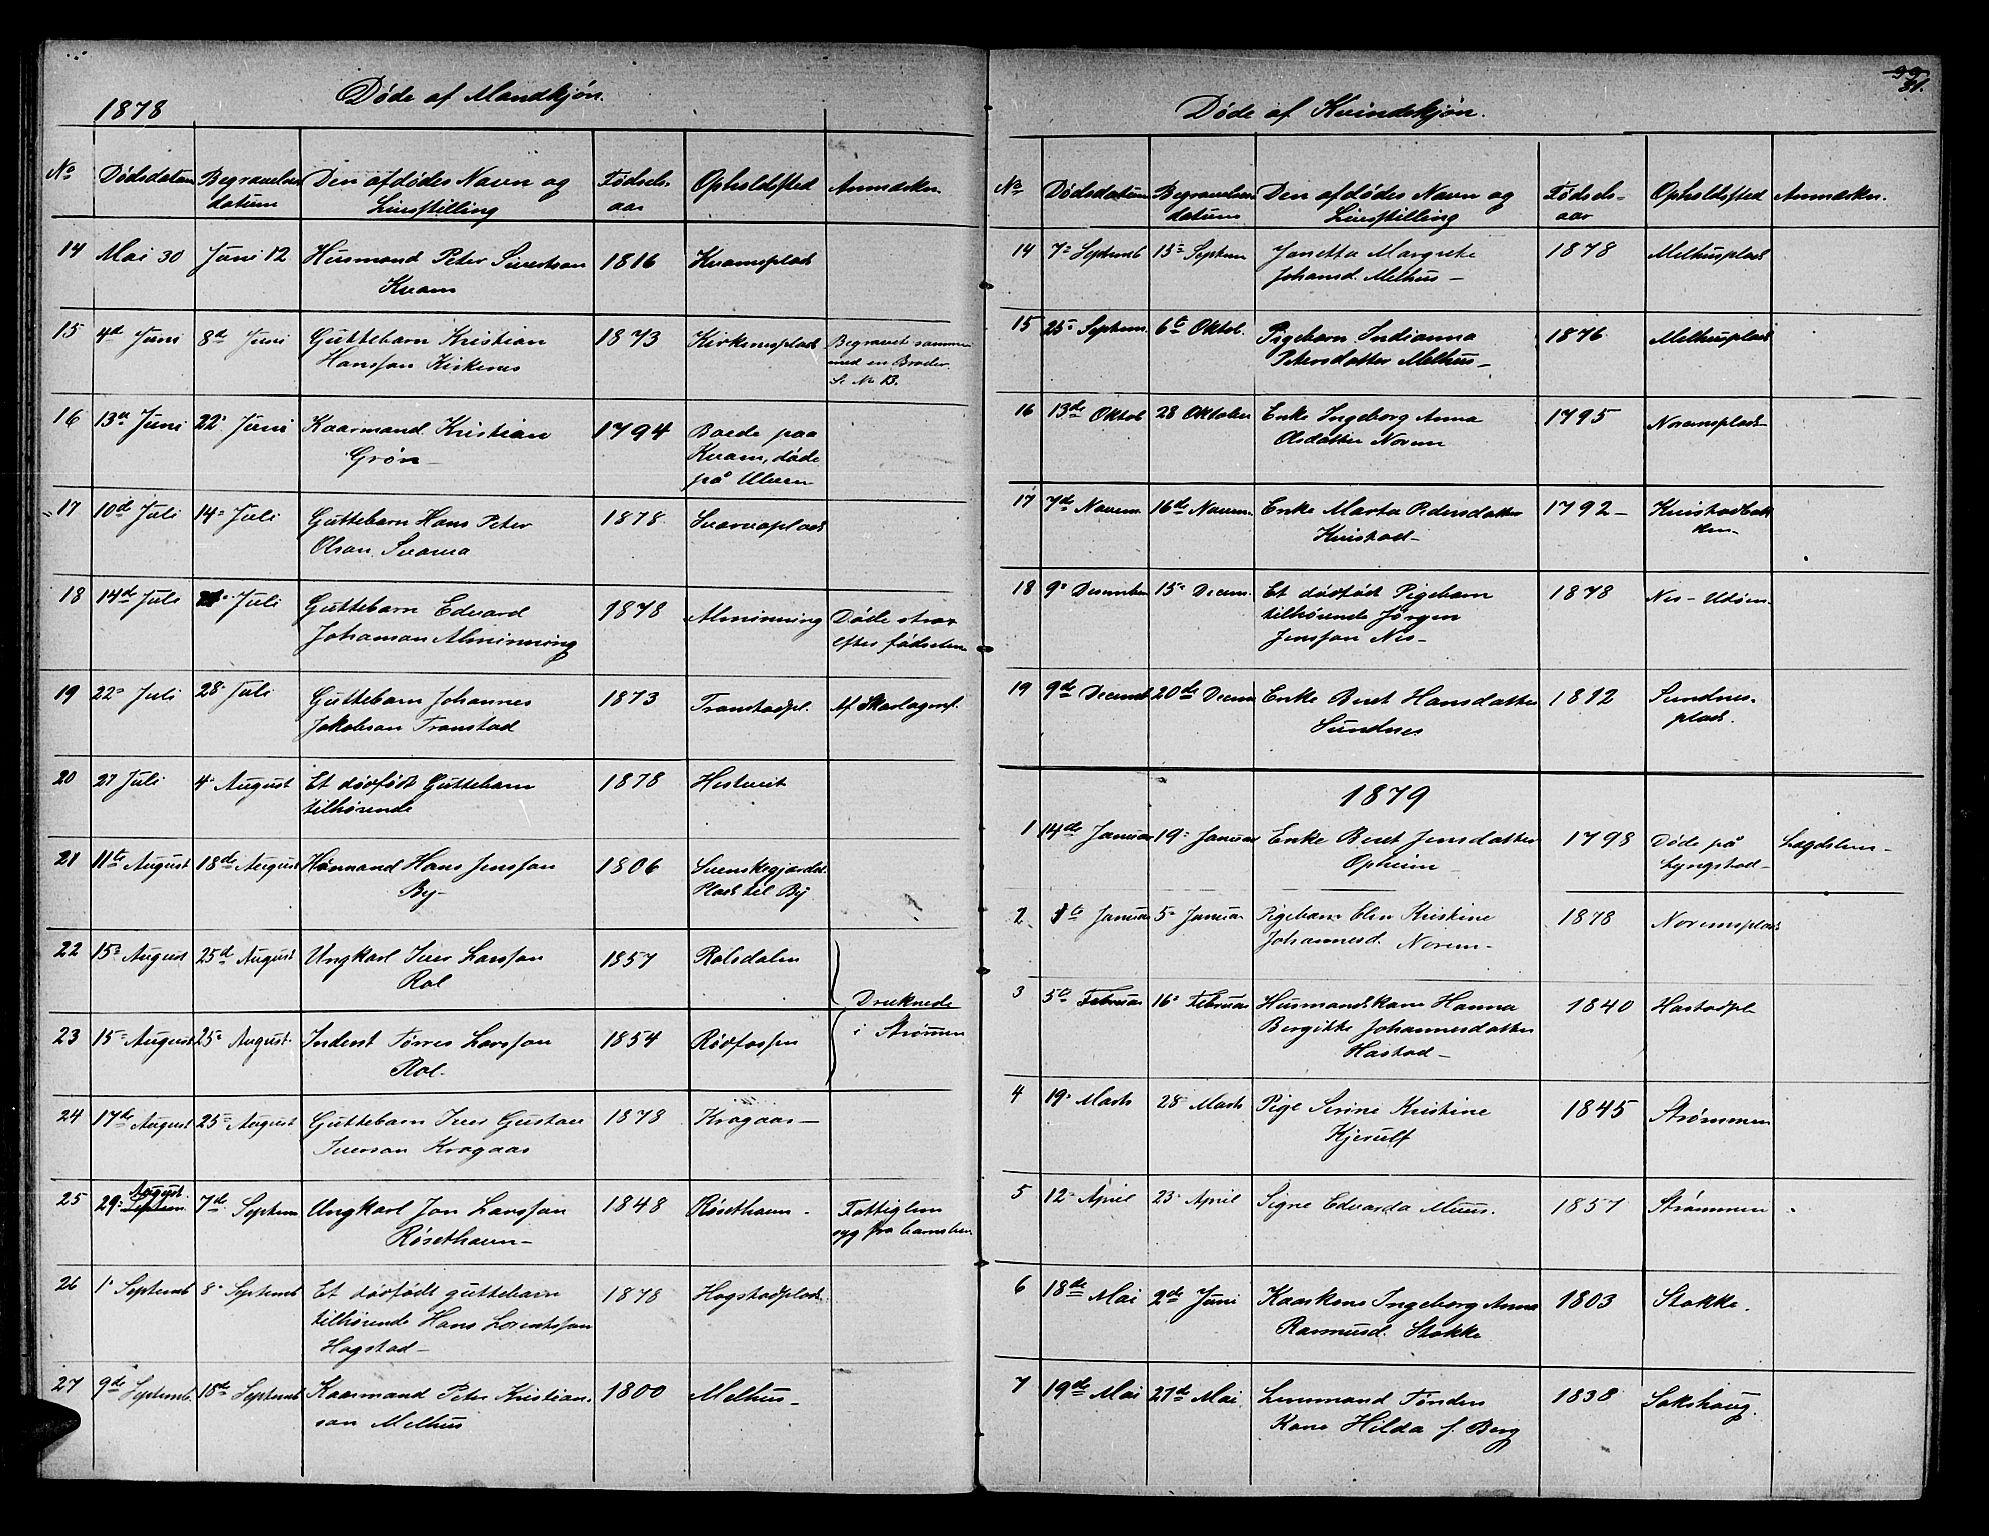 SAT, Ministerialprotokoller, klokkerbøker og fødselsregistre - Nord-Trøndelag, 730/L0300: Klokkerbok nr. 730C03, 1872-1879, s. 81